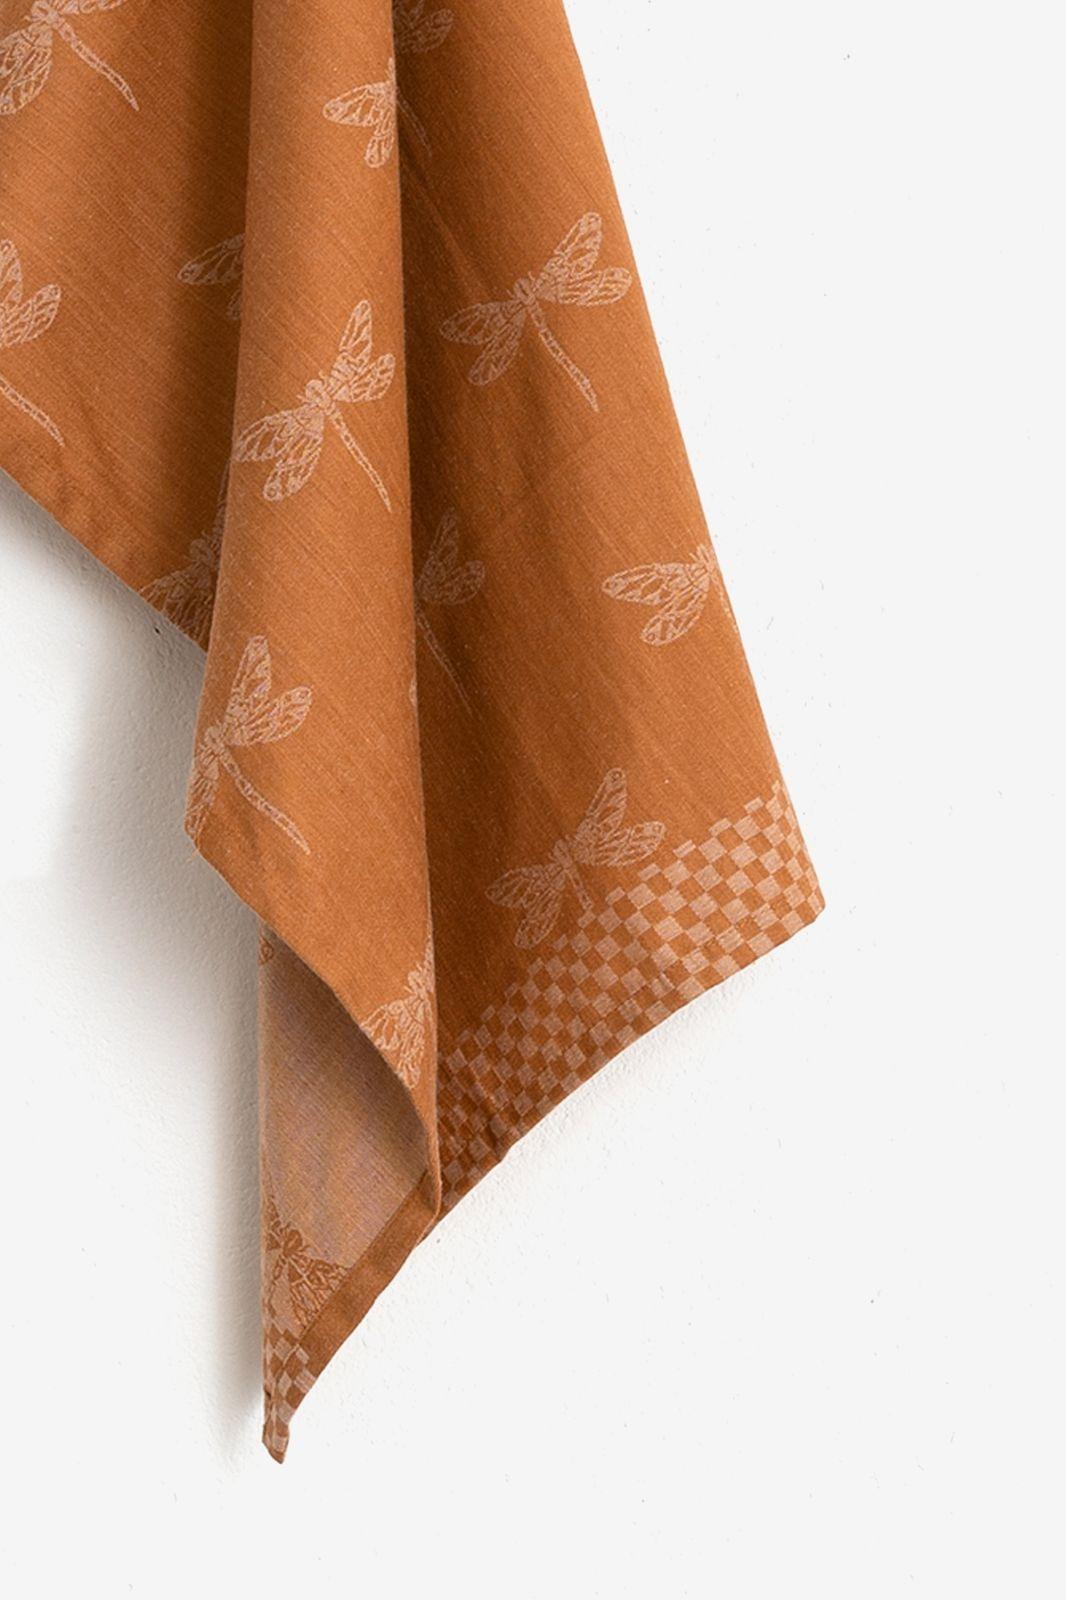 Bruin/oranje theedoek libelles